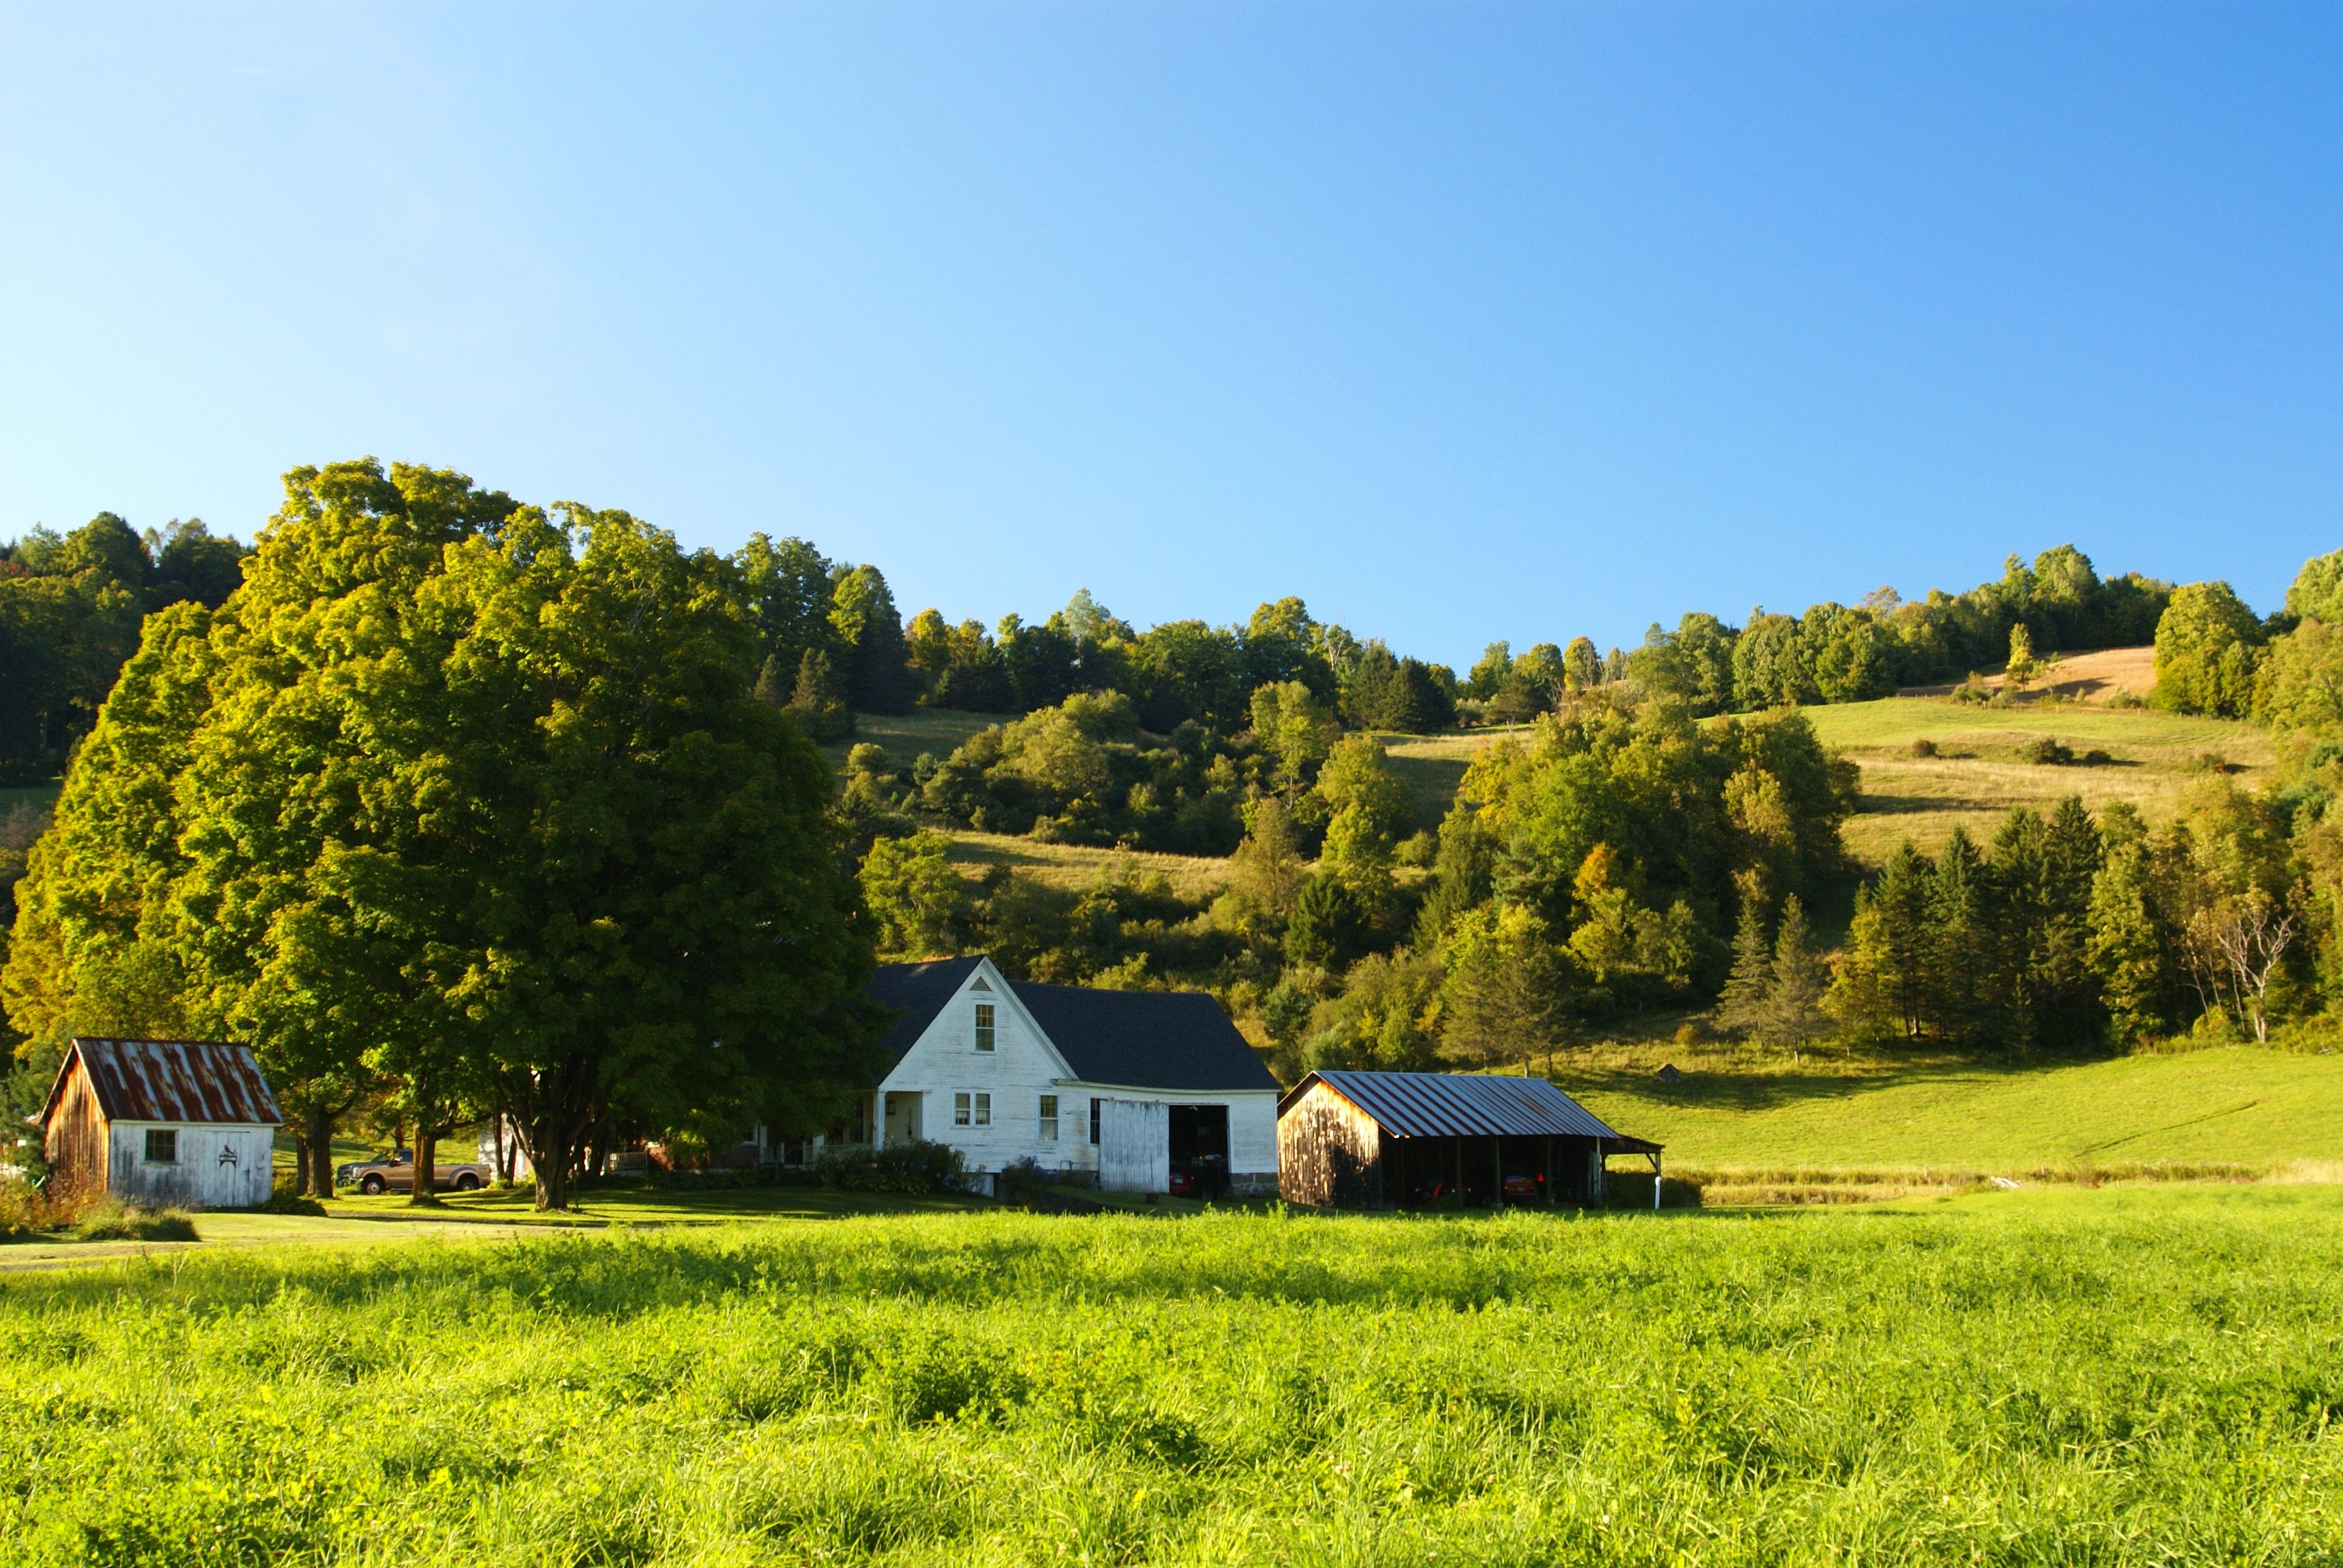 The Barn at Wilder Farm on the River   Wilder Farm Inn